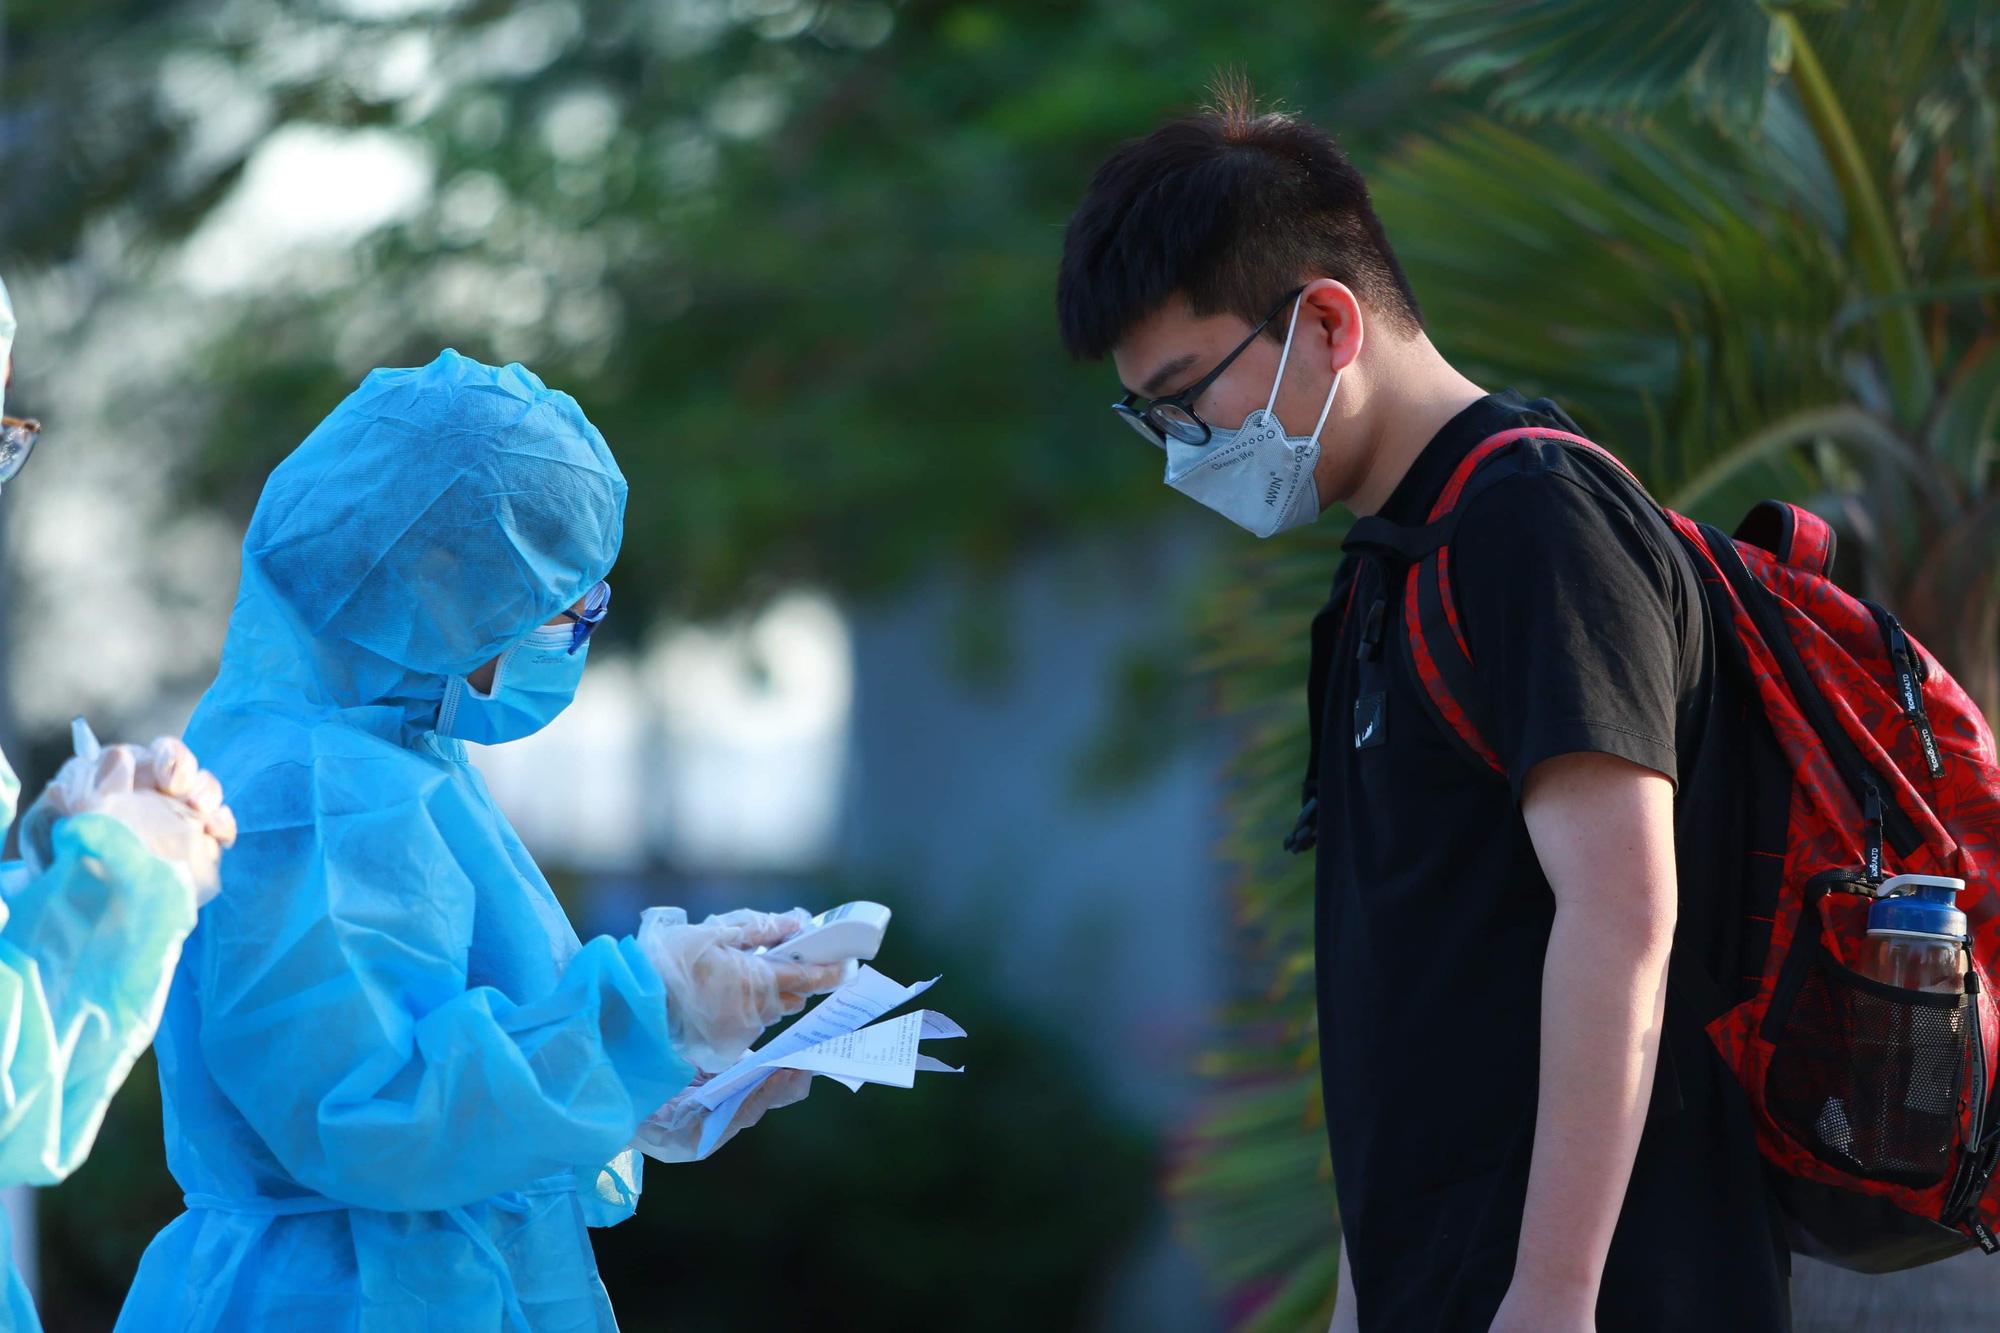 Người nước ngoài ở TP HCM đã mang kín khẩu trang khi đi chơi - Ảnh 1.